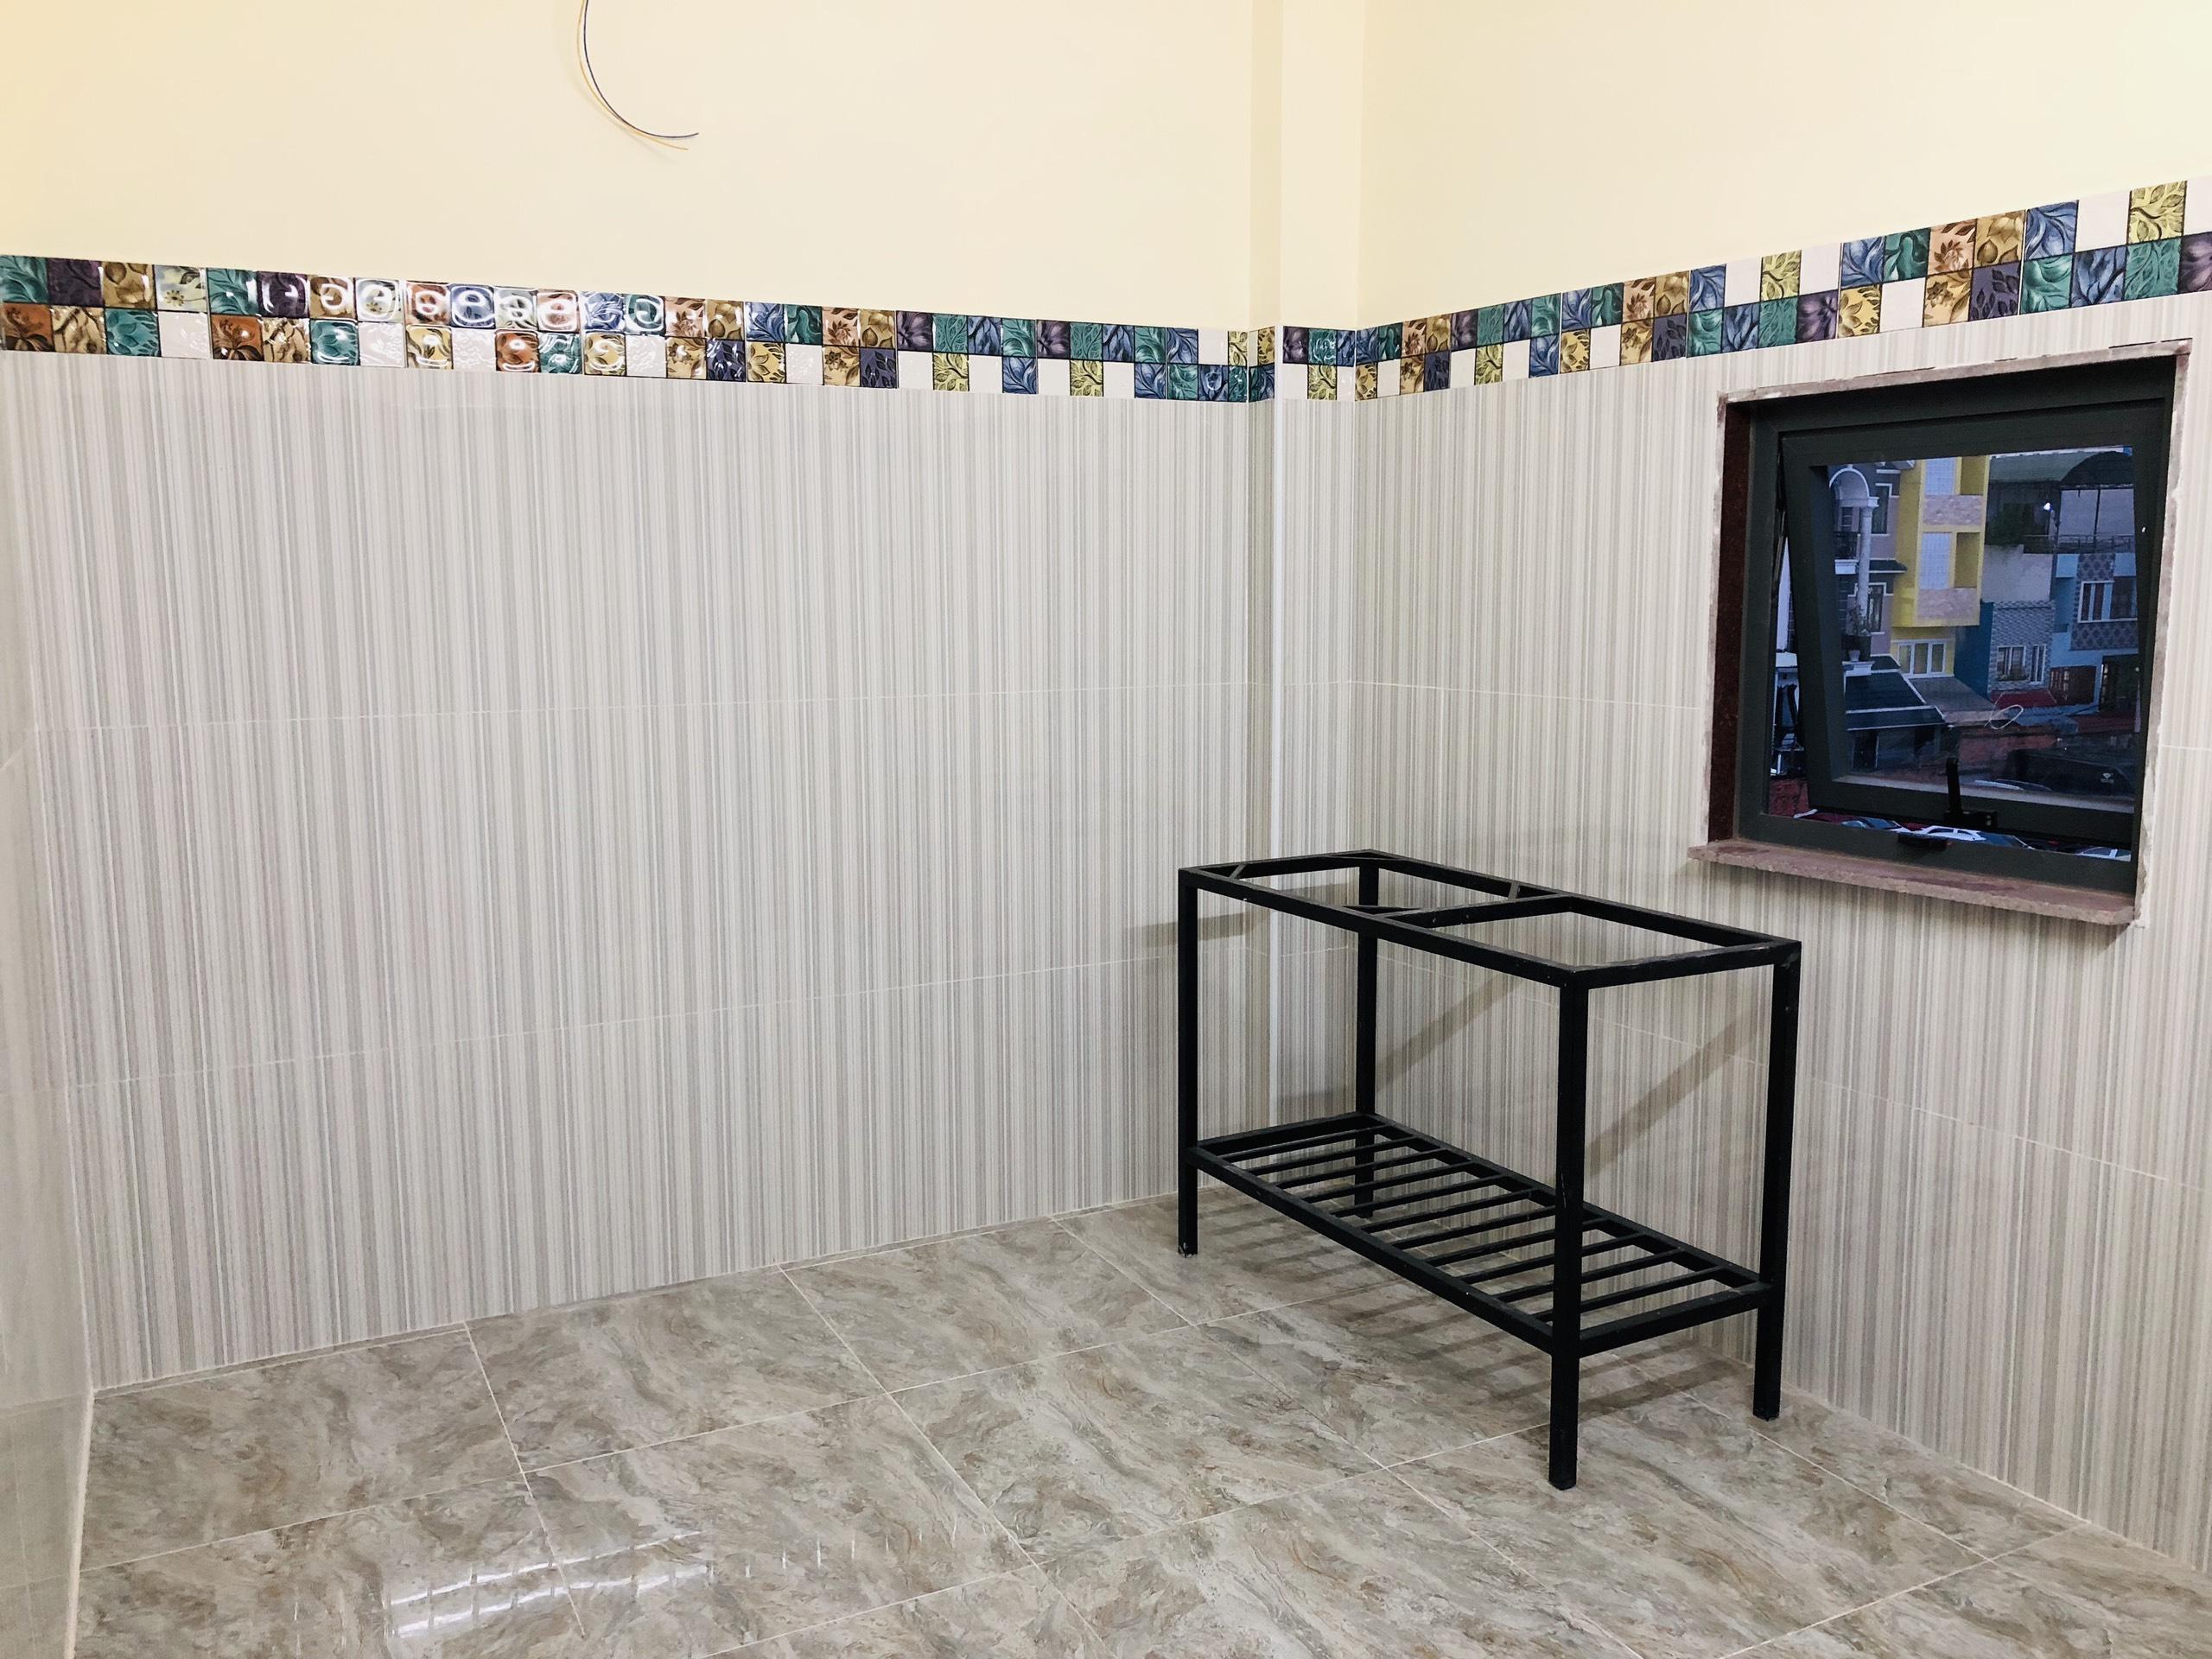 2 Phòng trọ tốt đường Kinh Dương Vương, Q. Bình Tân.